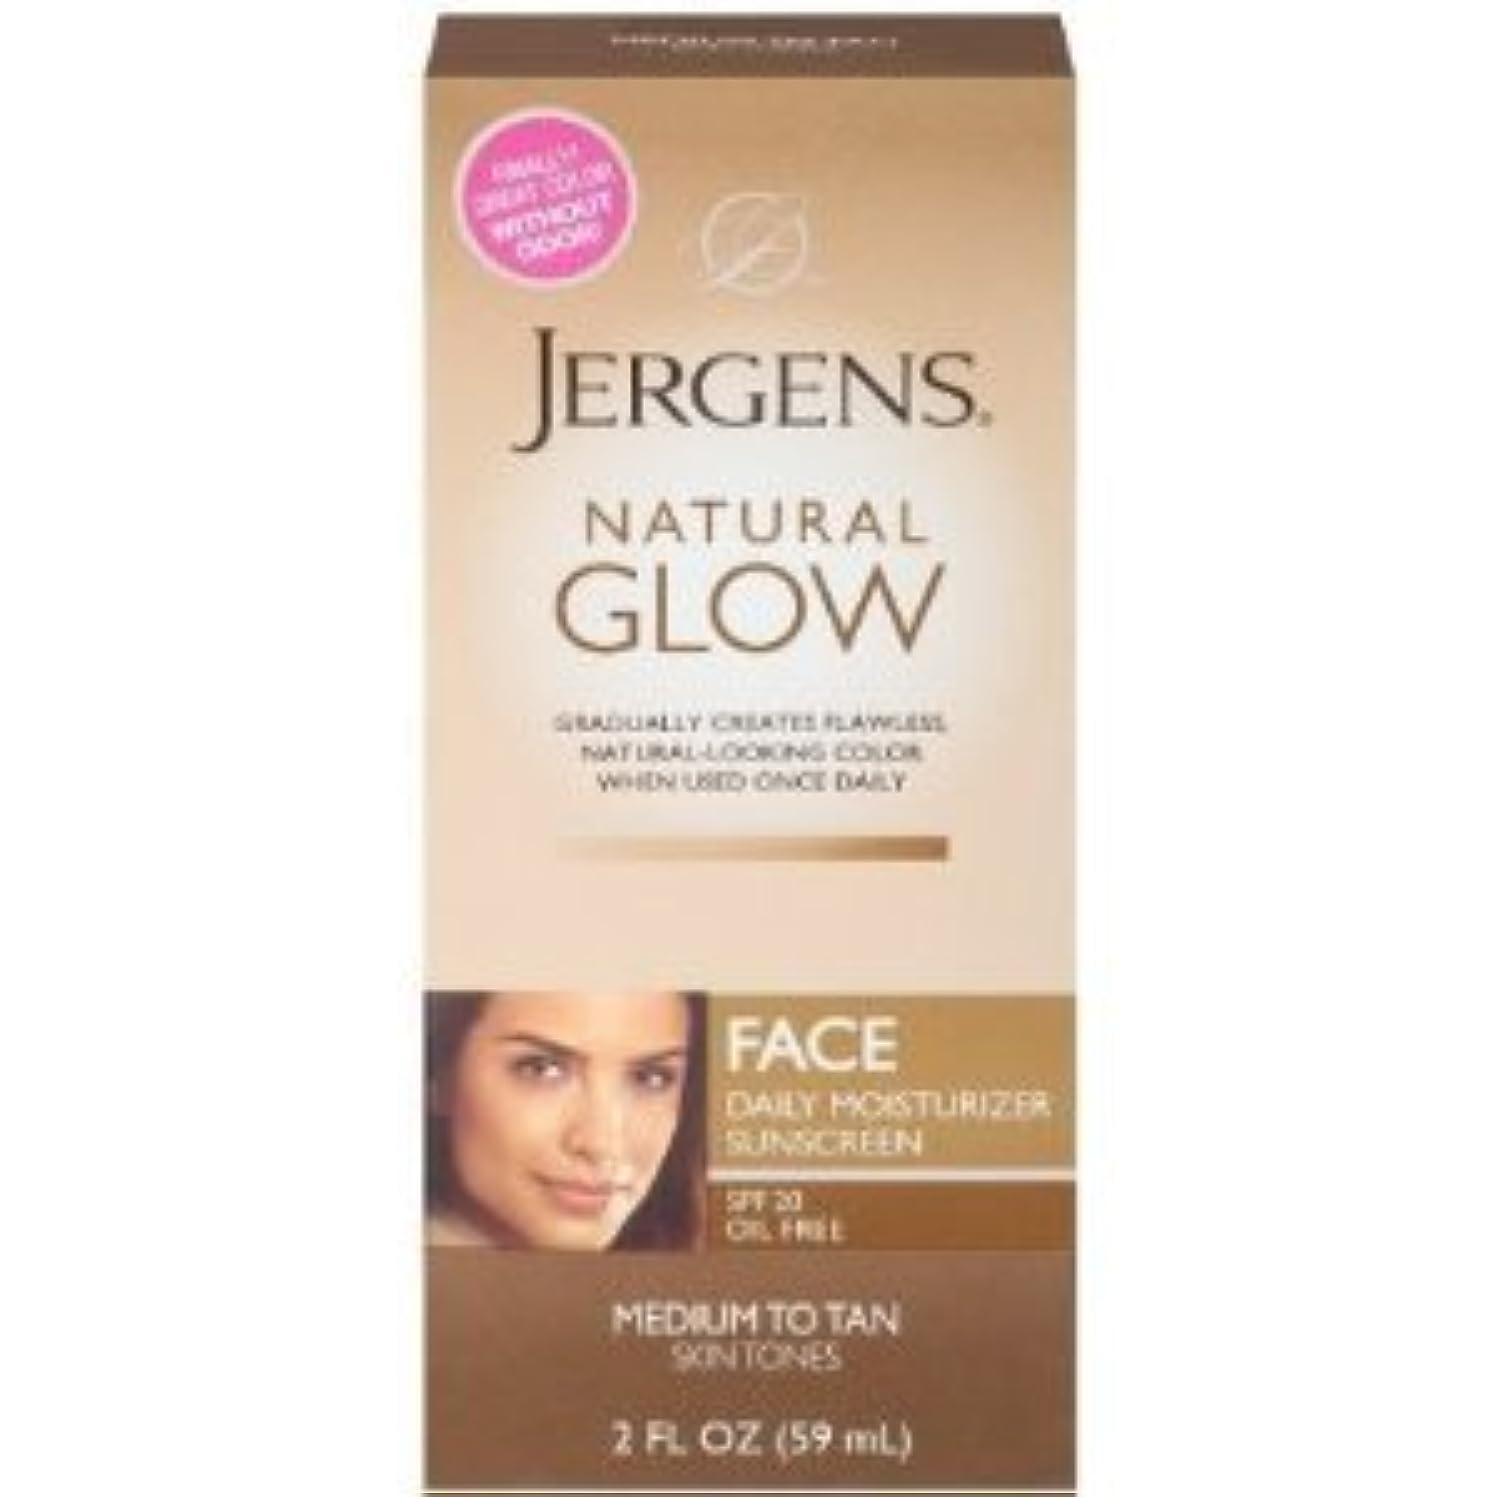 くしゃくしゃシニス生活Natural Glow Healthy Complexion Daily Facial Moisturizer, SPF 20, Medium to Tan, (59ml) (海外直送品)